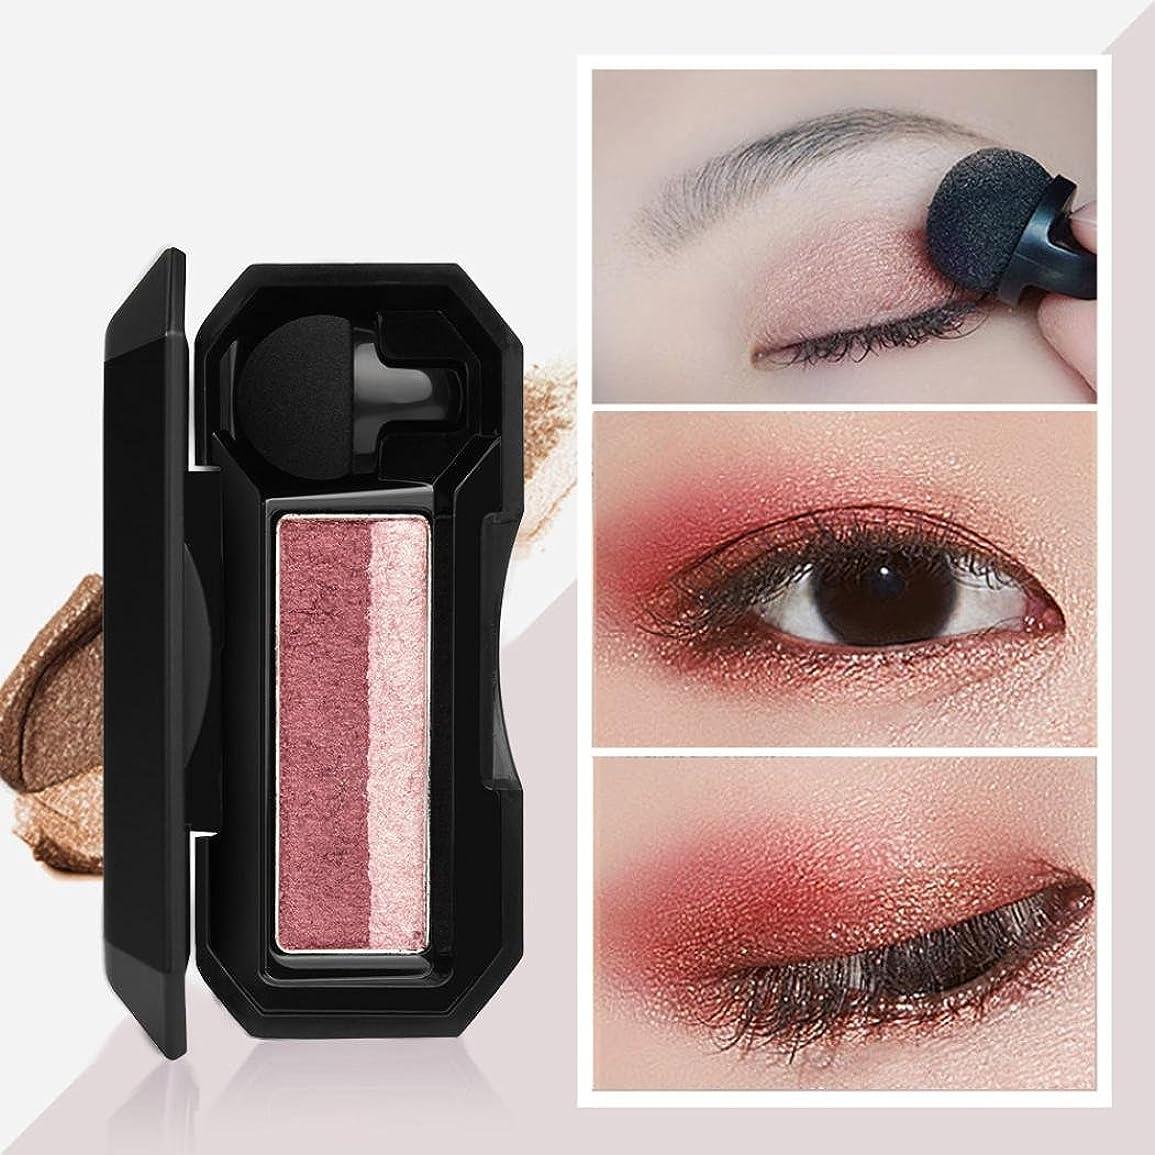 秀でる再生的実現可能ビューティー アイシャドー BOBOGOJP 女性 2色 可愛い デザイン ミニスタンプアイシャドーパレット 携帯便利 極め細かい 化粧パウダー 持続性 スモーキーメイク (21C)